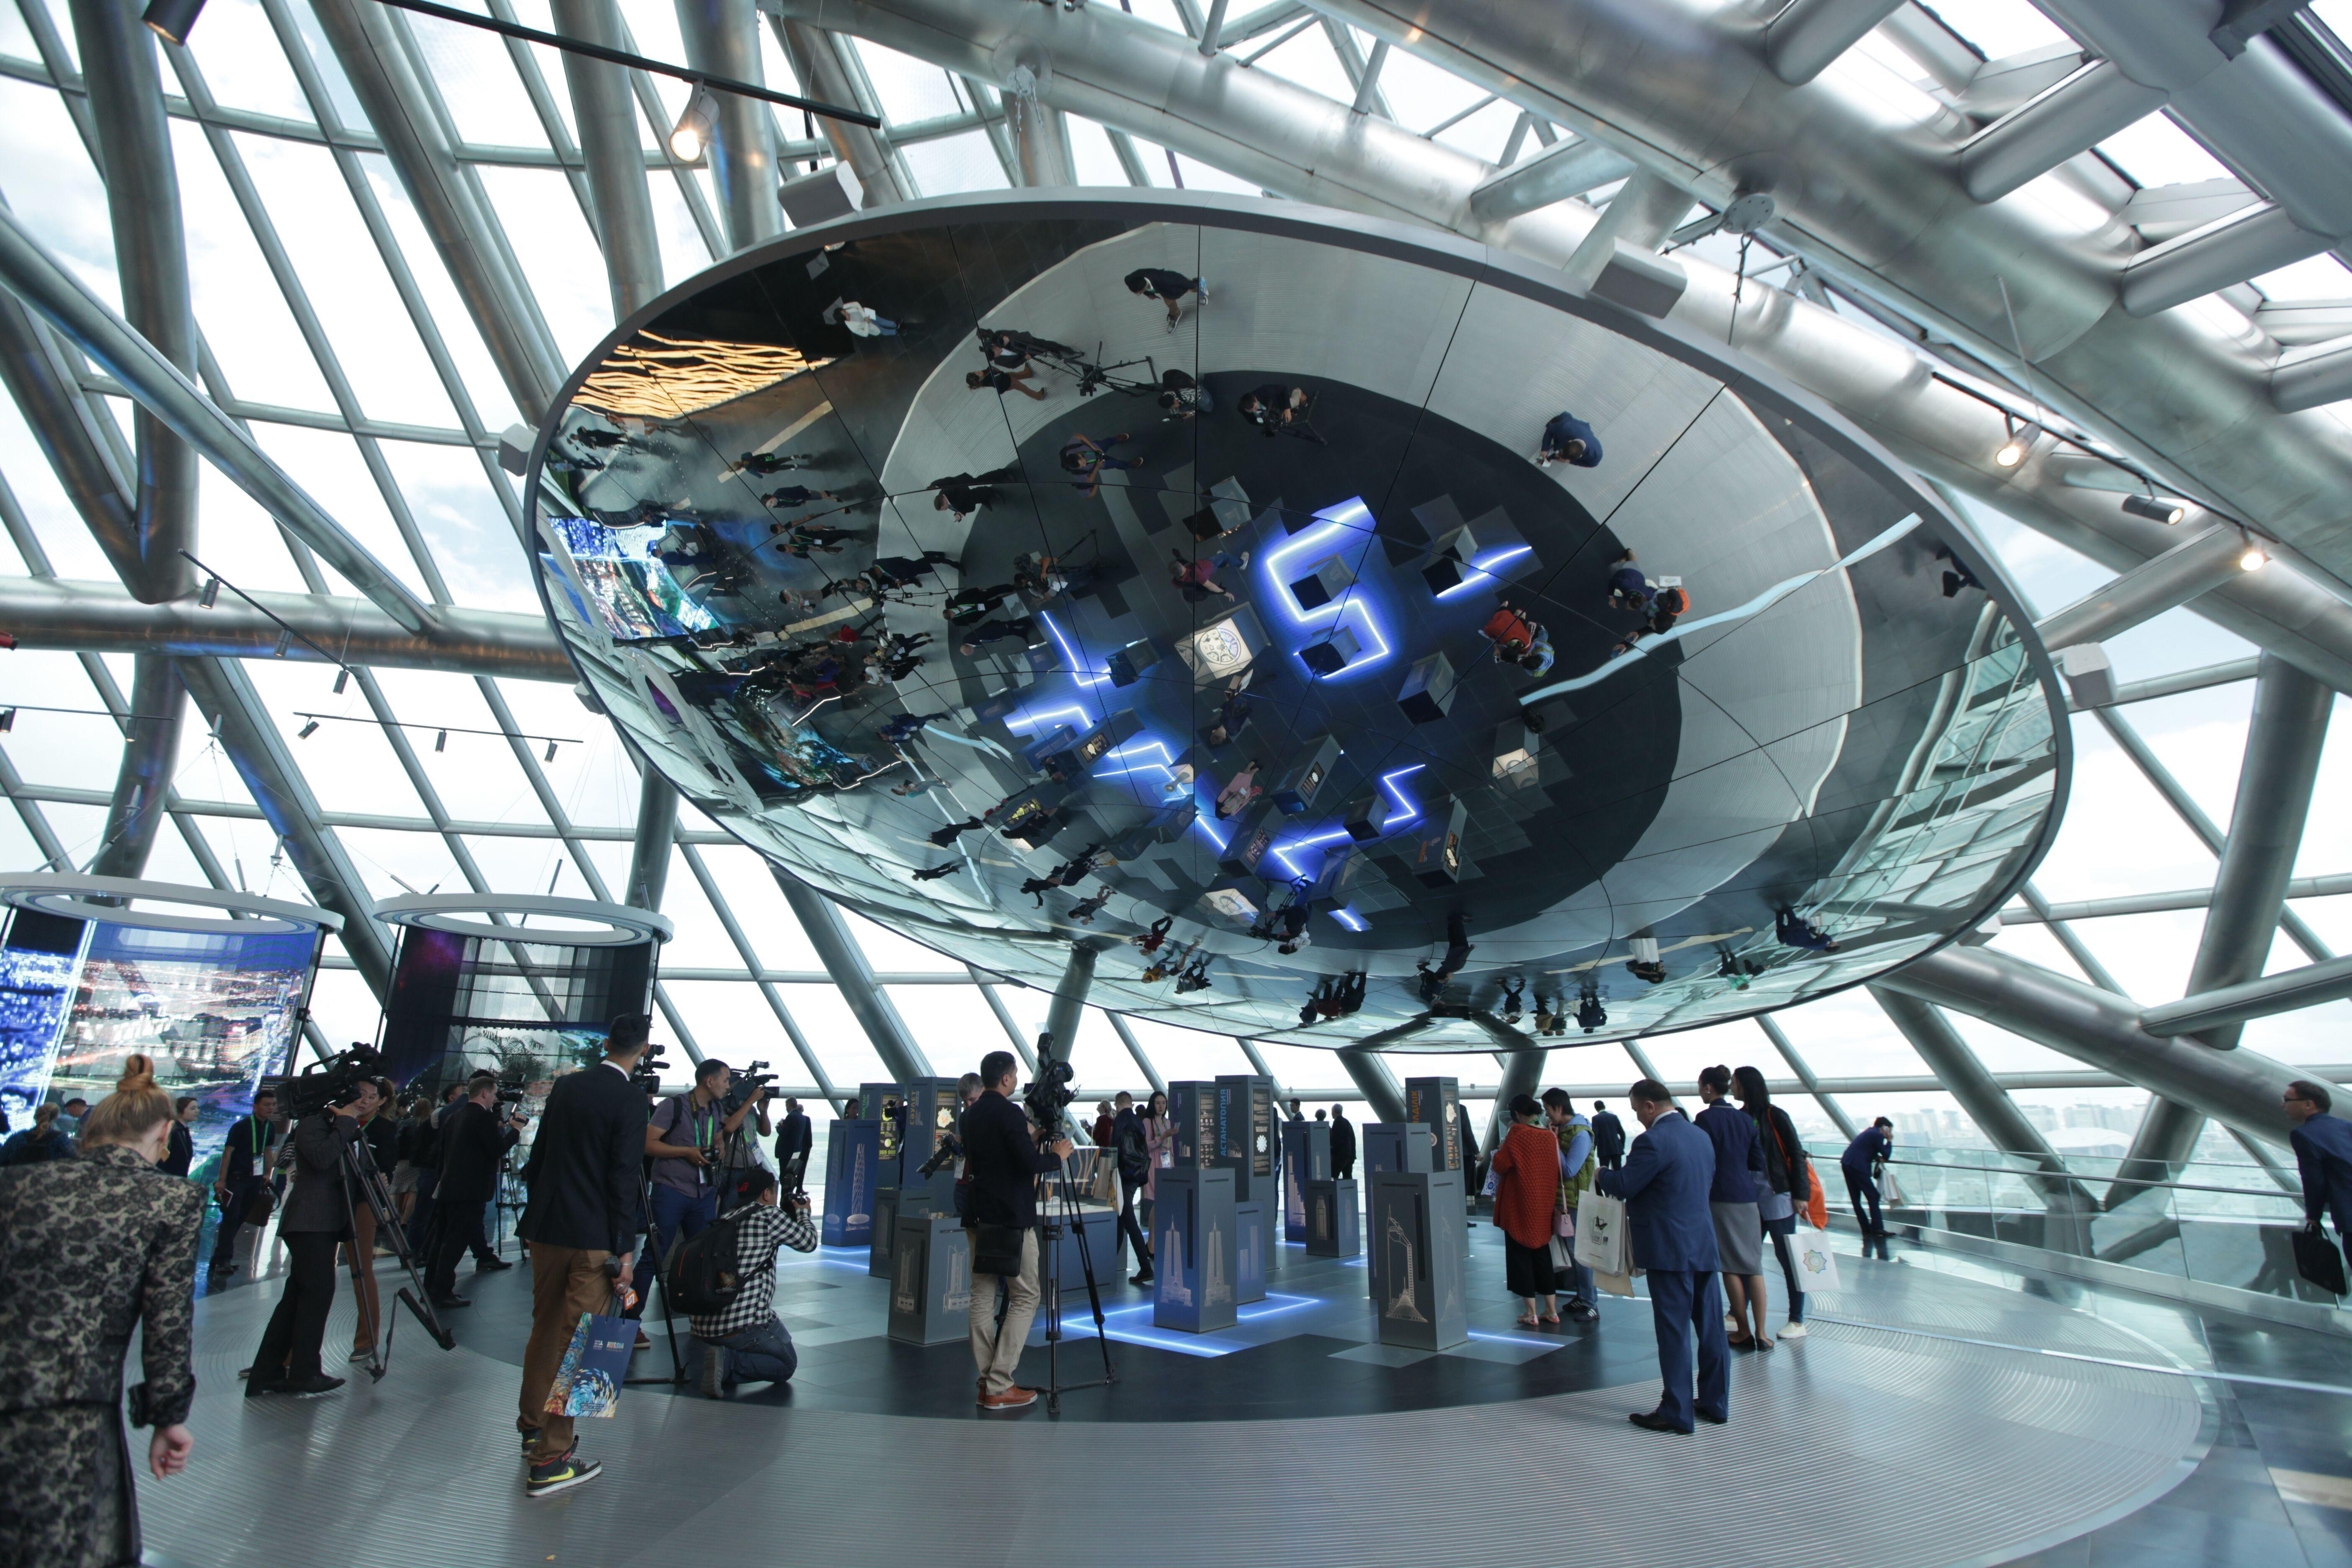 Посетители EXPO-2017 восхищаются экспозицией. С момента открытия 10 июня ярмарка в Астане привлекла 1,5 миллиона посетителей. [Предоставлено EXPO-2017]